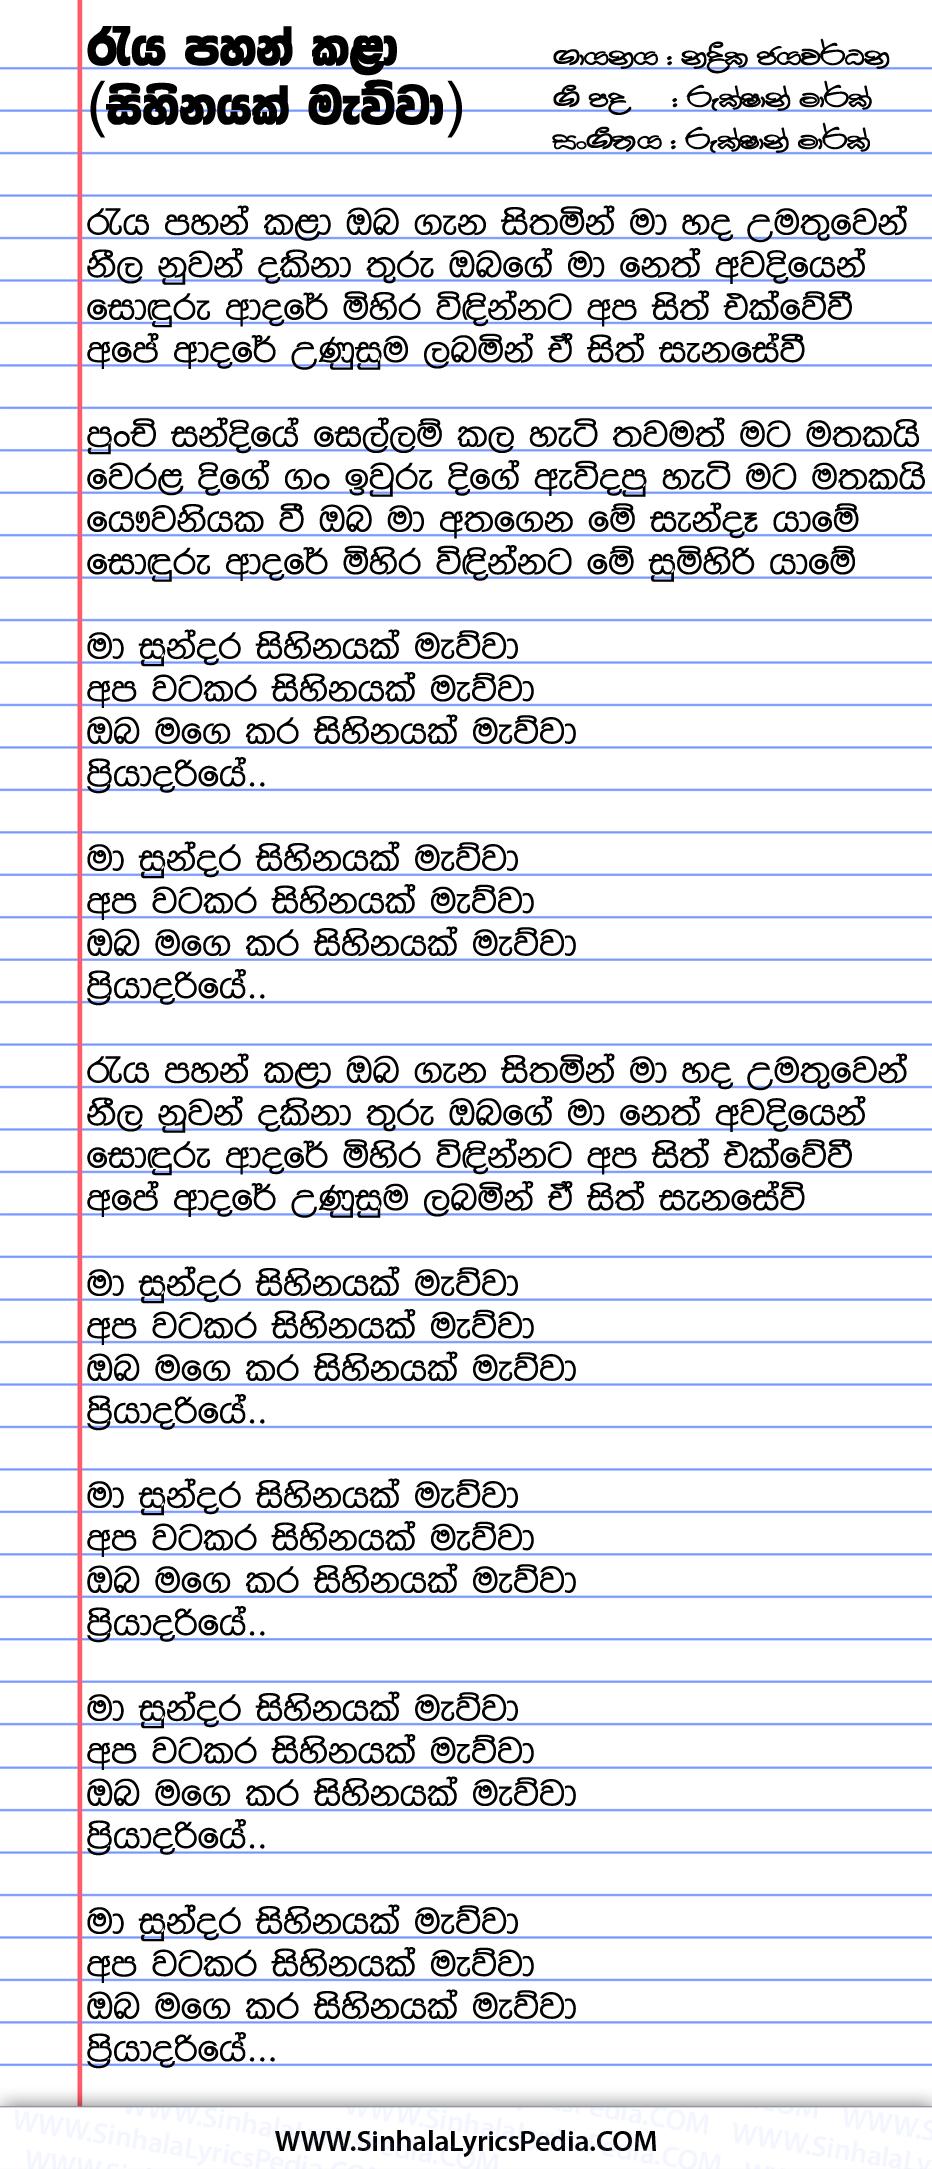 Raya Pahan Kala (Ma Sundara Sihinayak) Song Lyrics